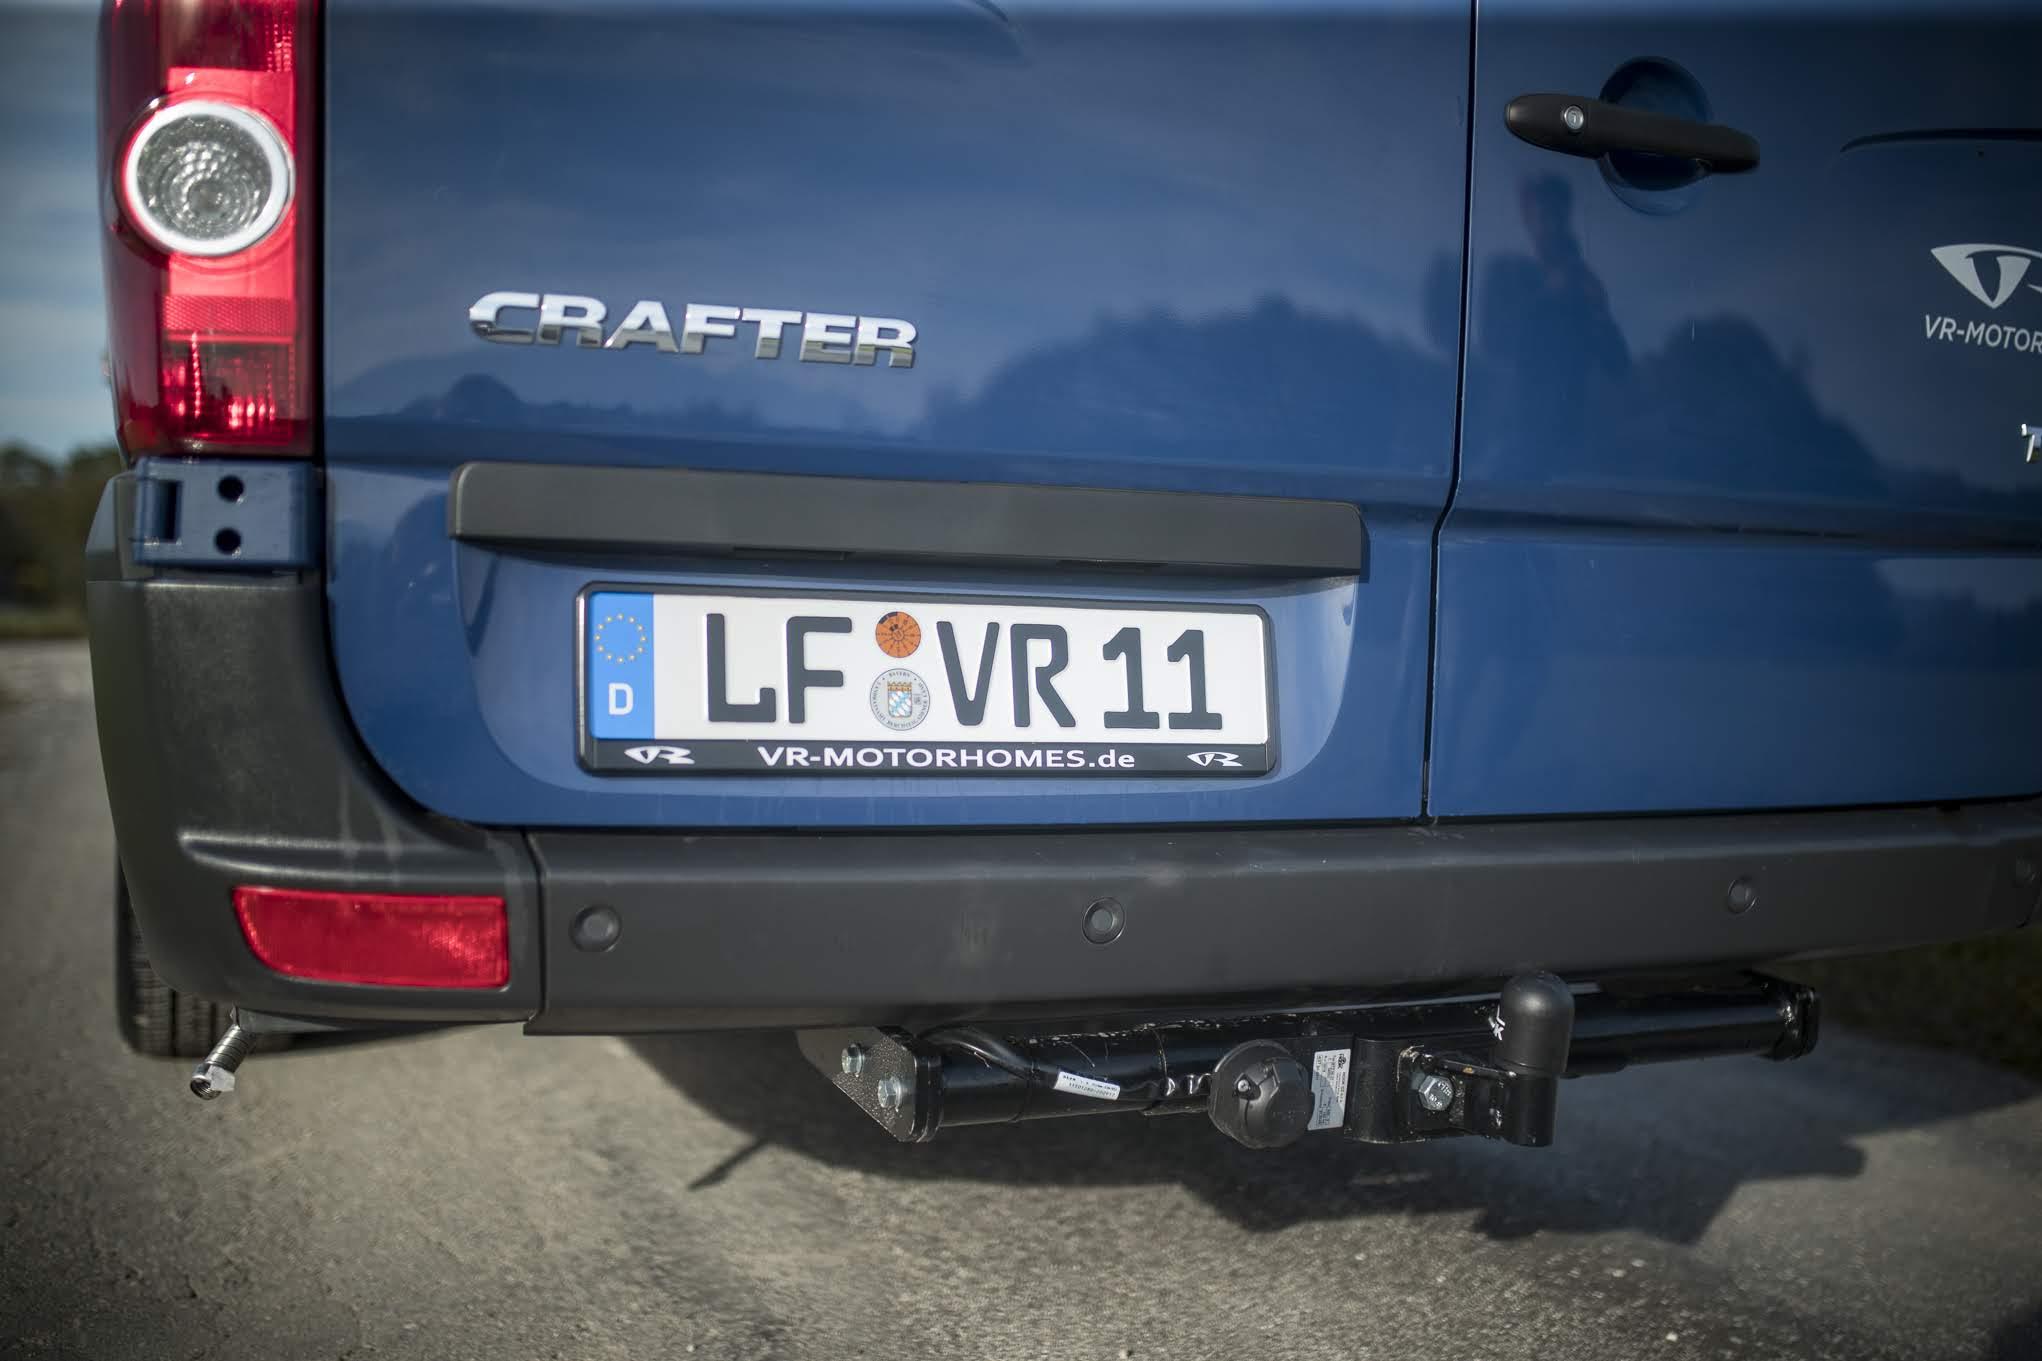 VR kastenwagen camper renntransporter racecamper luxus edition blueedition crafter VW daimler sprinter